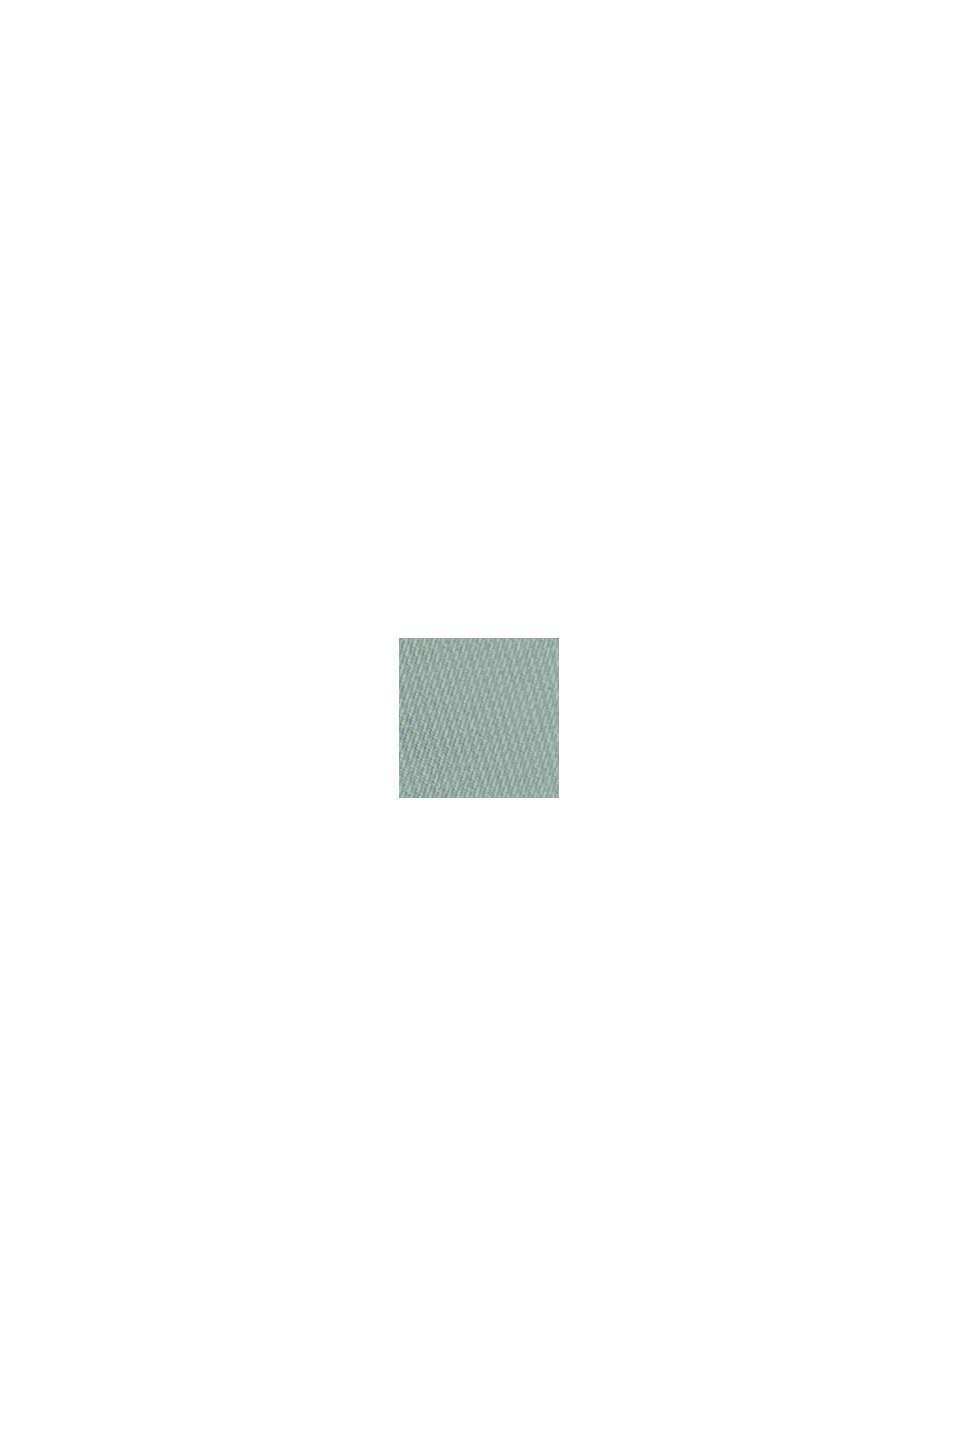 Chaleco acolchado reversible con relleno de plumón reciclado, DUSTY GREEN, swatch